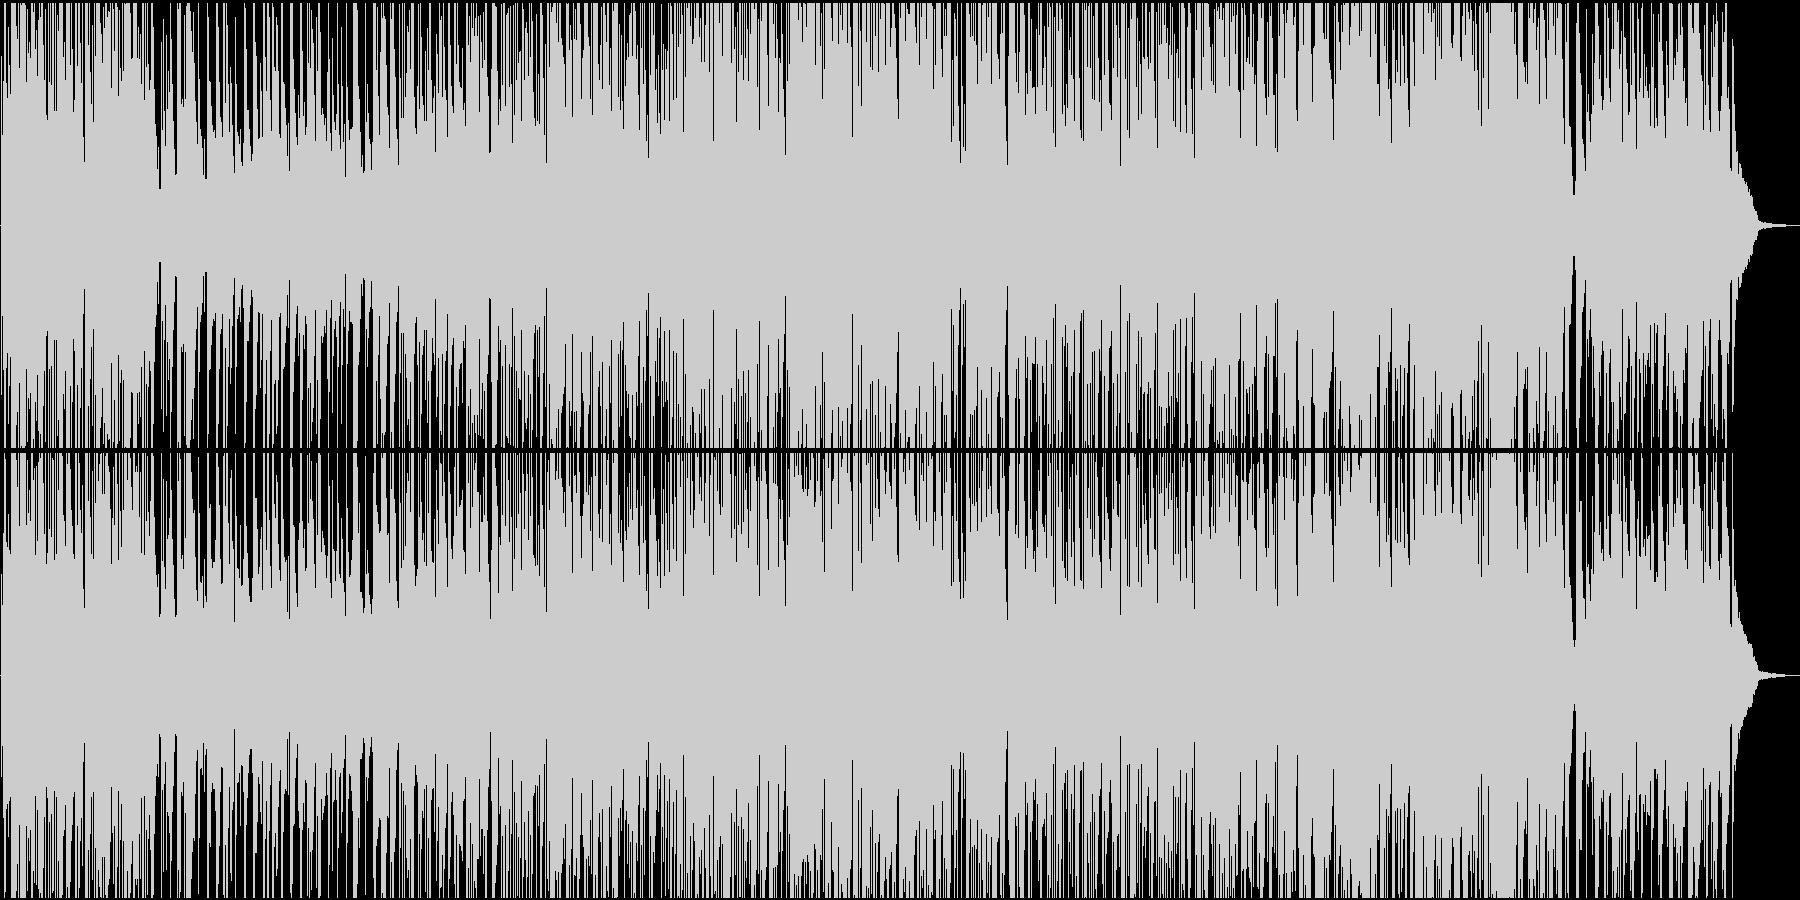 ゆったりした夜に合うサックス・ジャズの未再生の波形